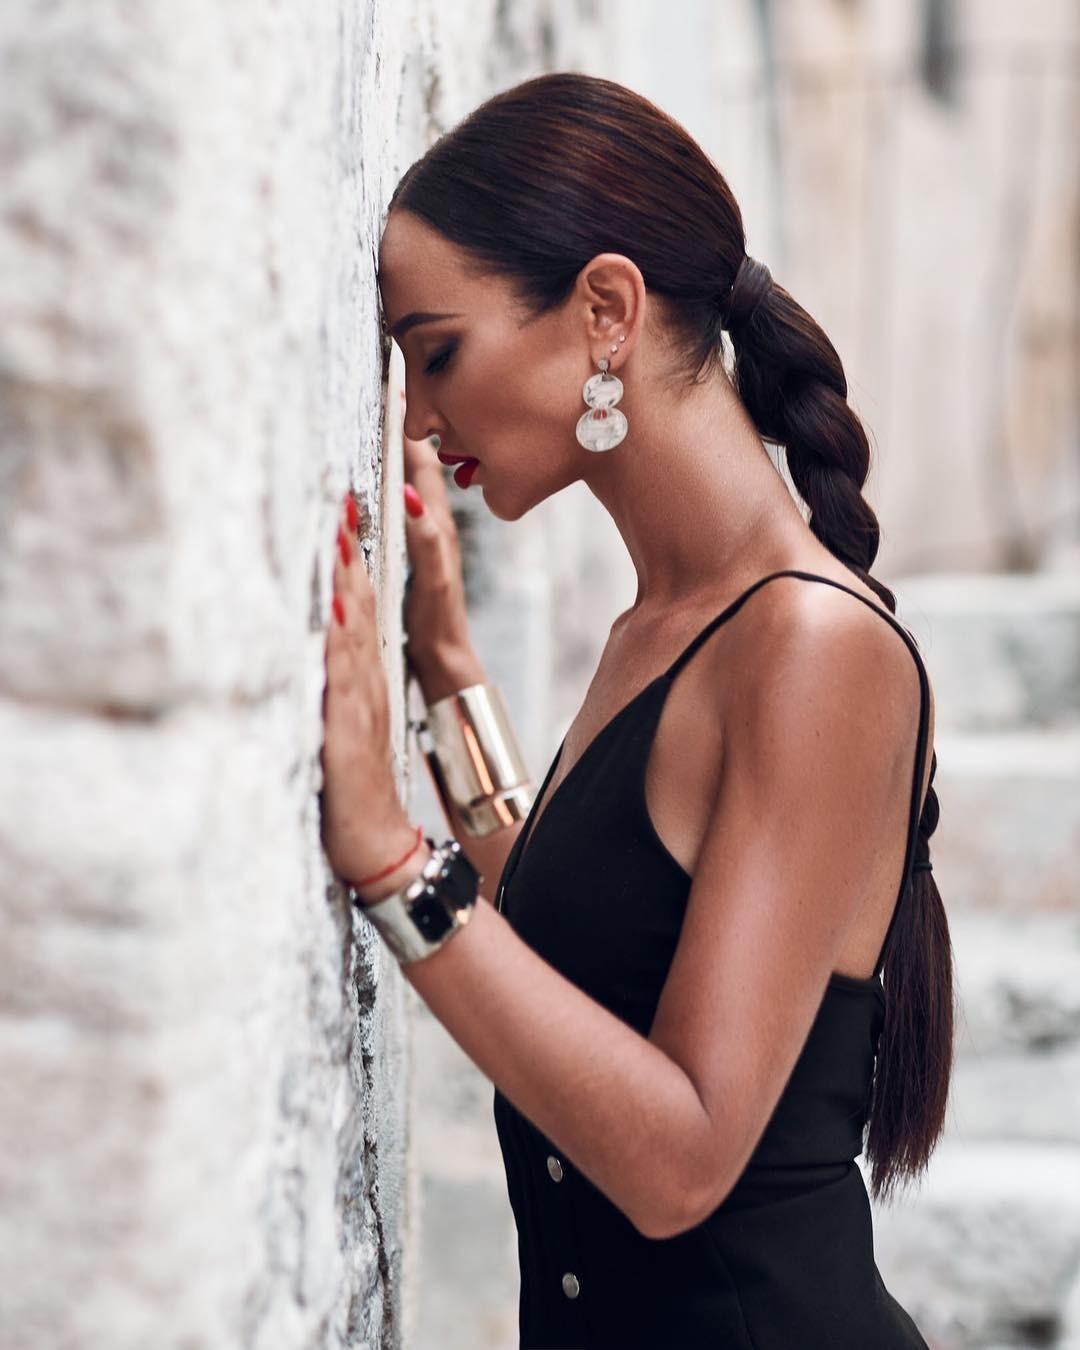 Факторы одиночества: специалисты объяснили, почему Ольга Бузова не может найти мужа